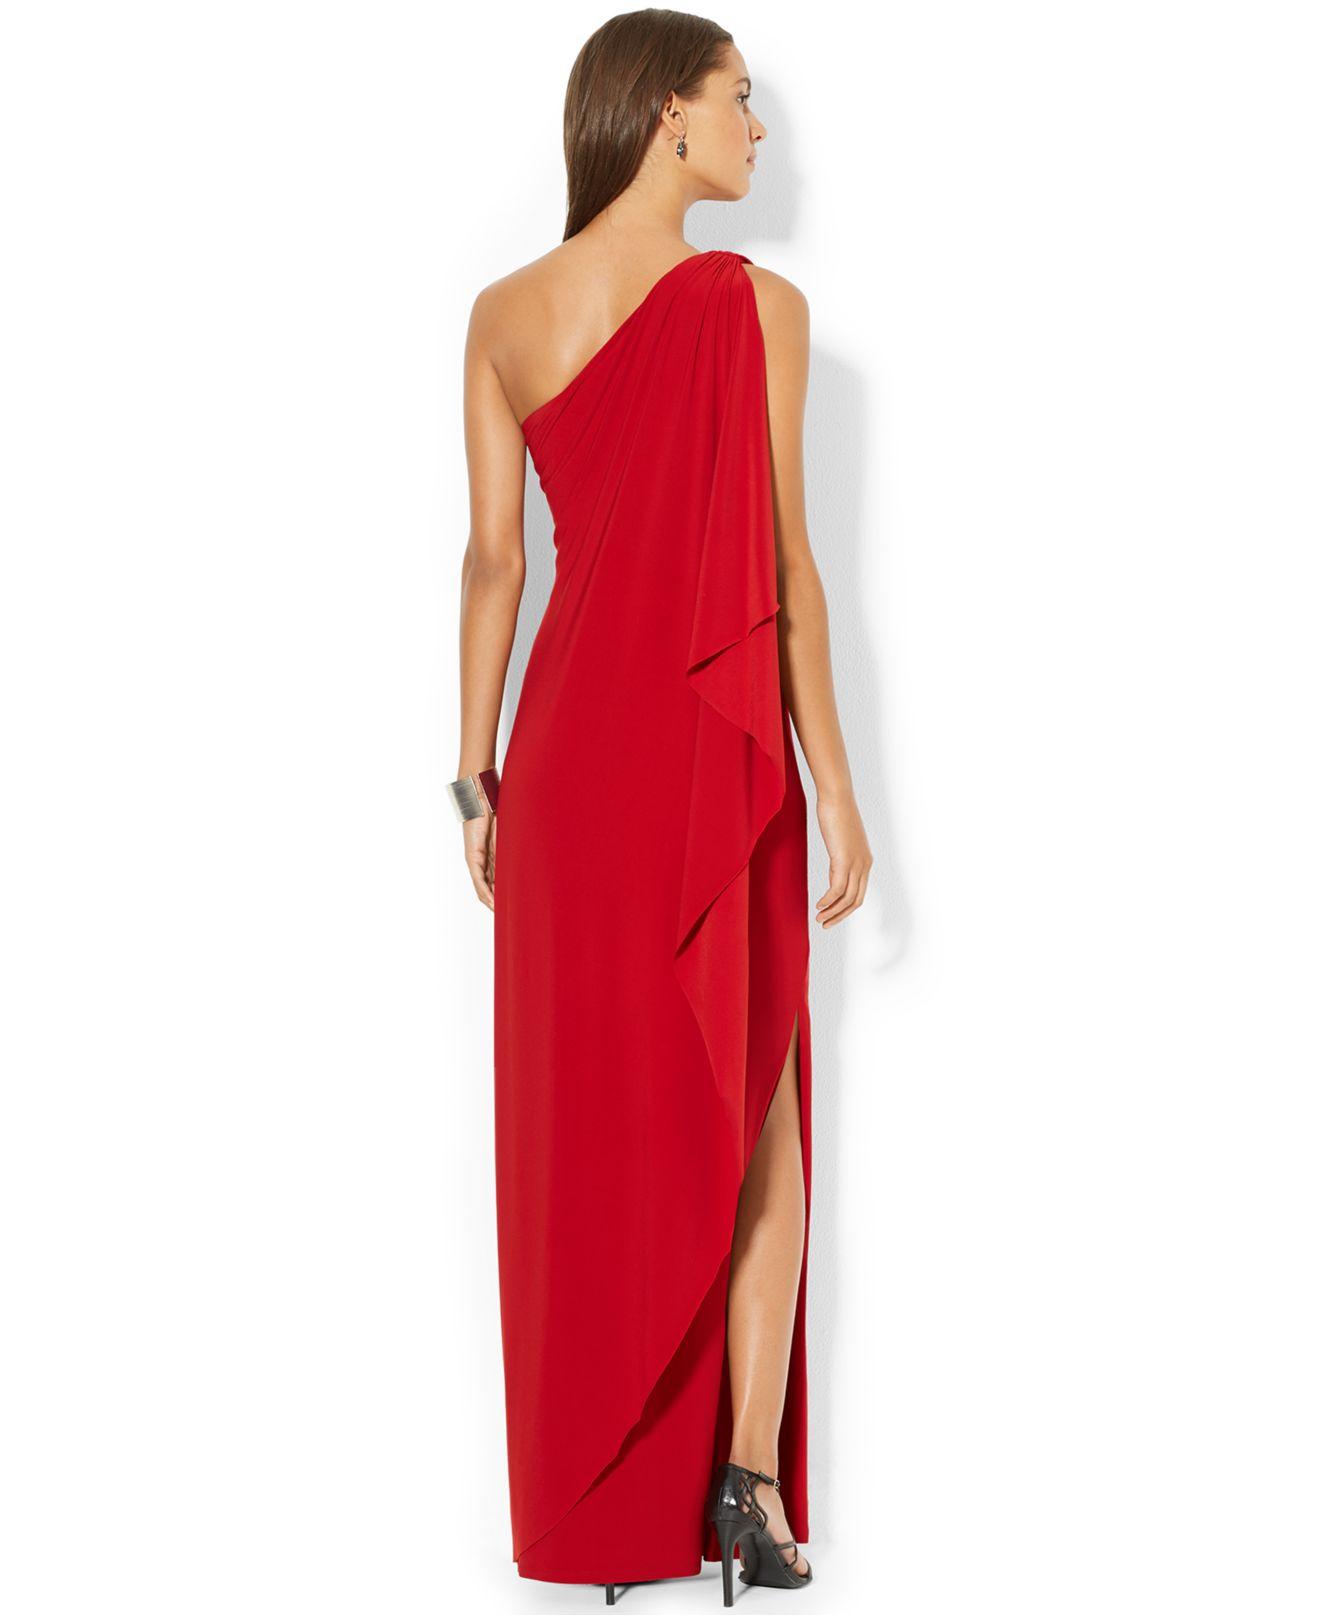 Lyst - Lauren By Ralph Lauren One-Shoulder Draped Gown in Red